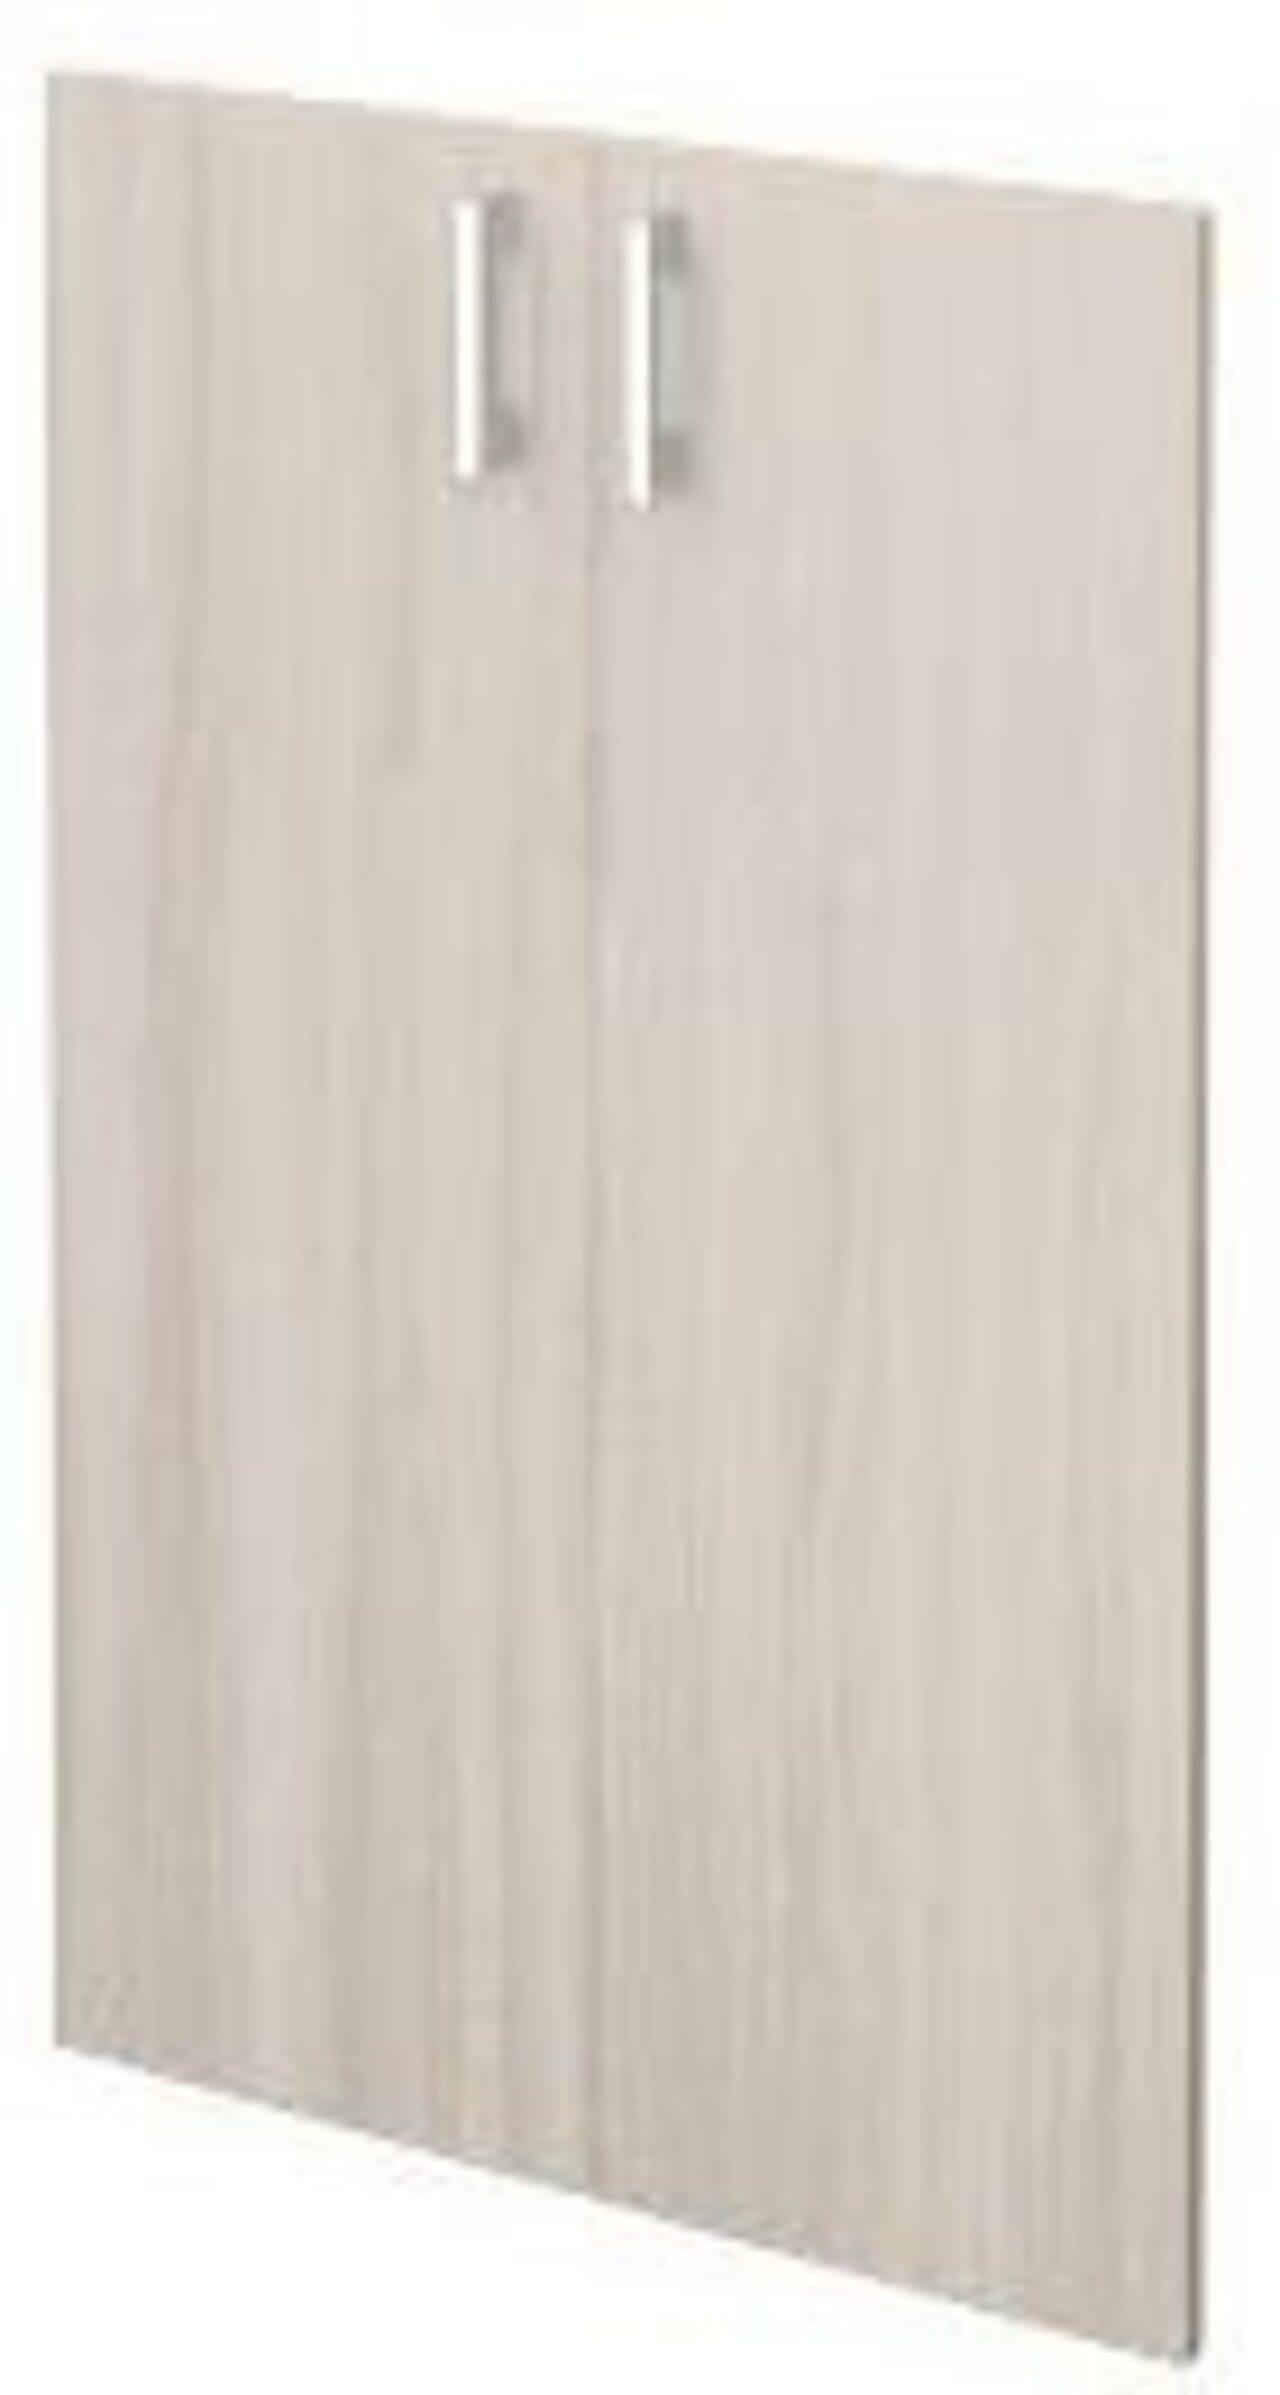 Двери для широких стеллажей  Арго 71x2x115 - фото 6